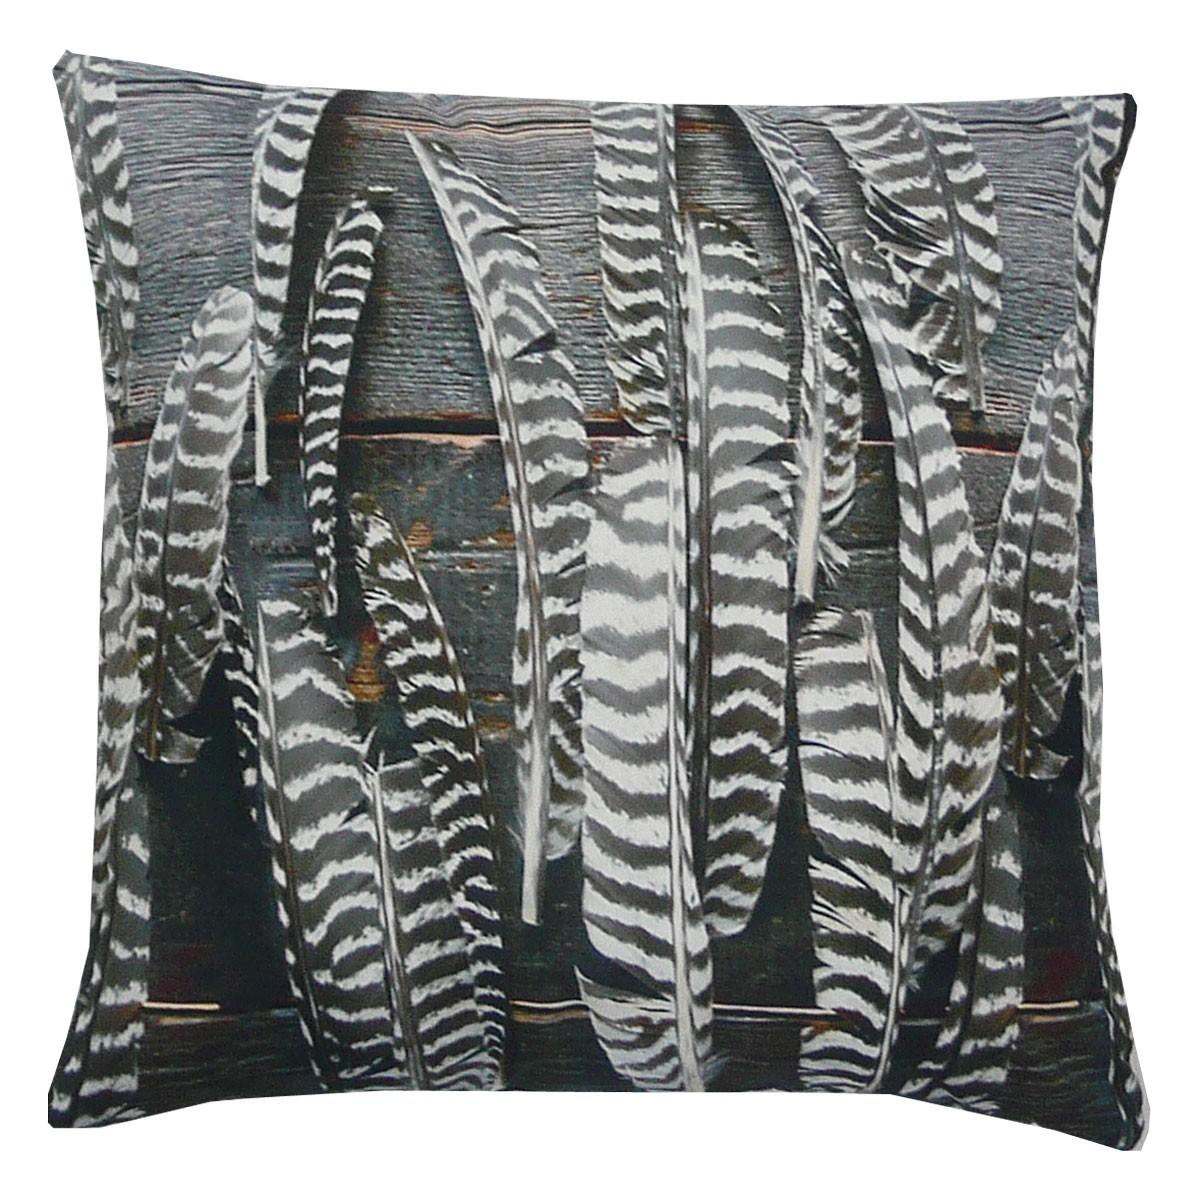 kissen dekokissen feathers 5 federn 45x45cm wohntextilien kissen landhaus. Black Bedroom Furniture Sets. Home Design Ideas